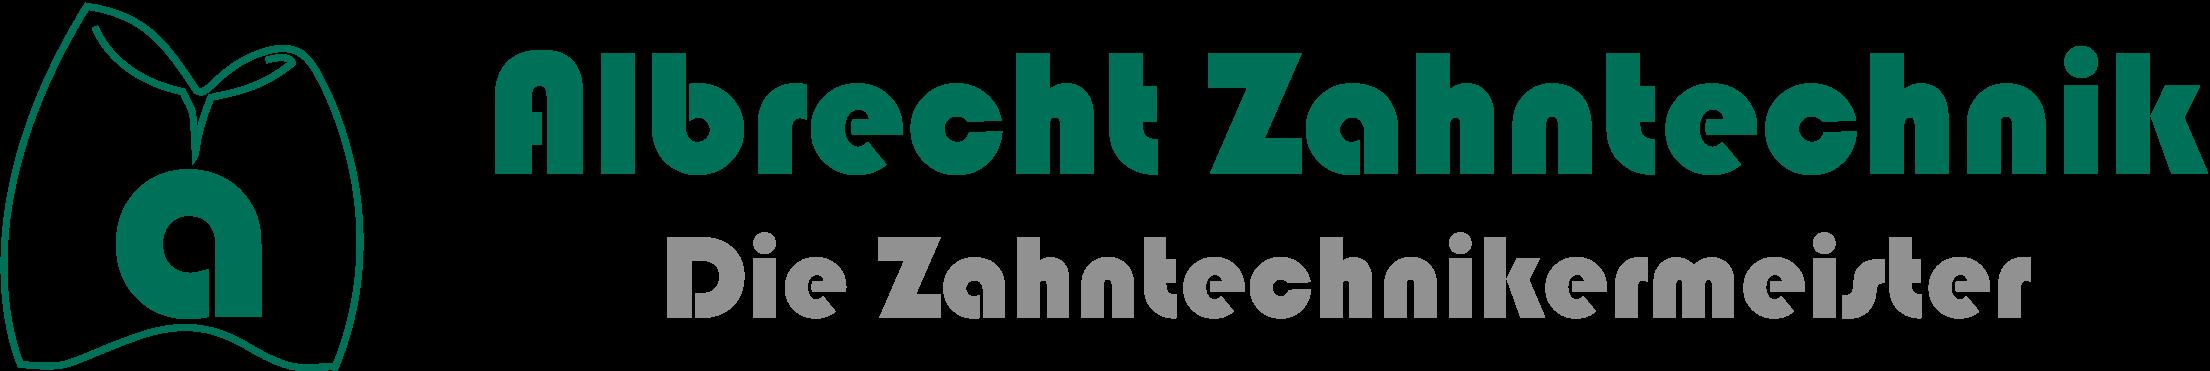 Albrecht Zahntechnik